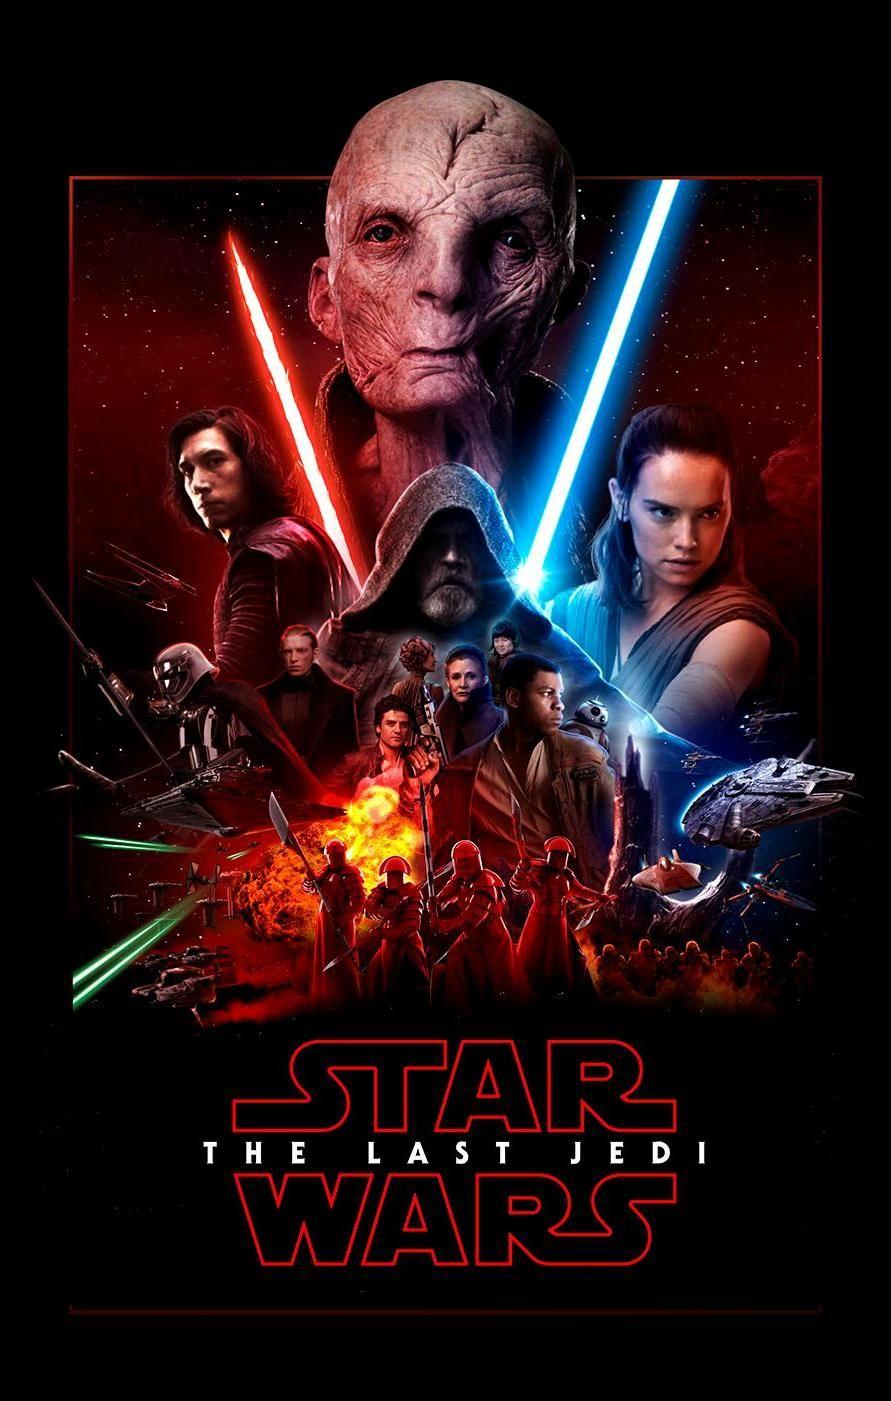 Iphone Wallpaper Star Wars The Last Jedi Posteres De Filmes Posters De Filmes Star Wars